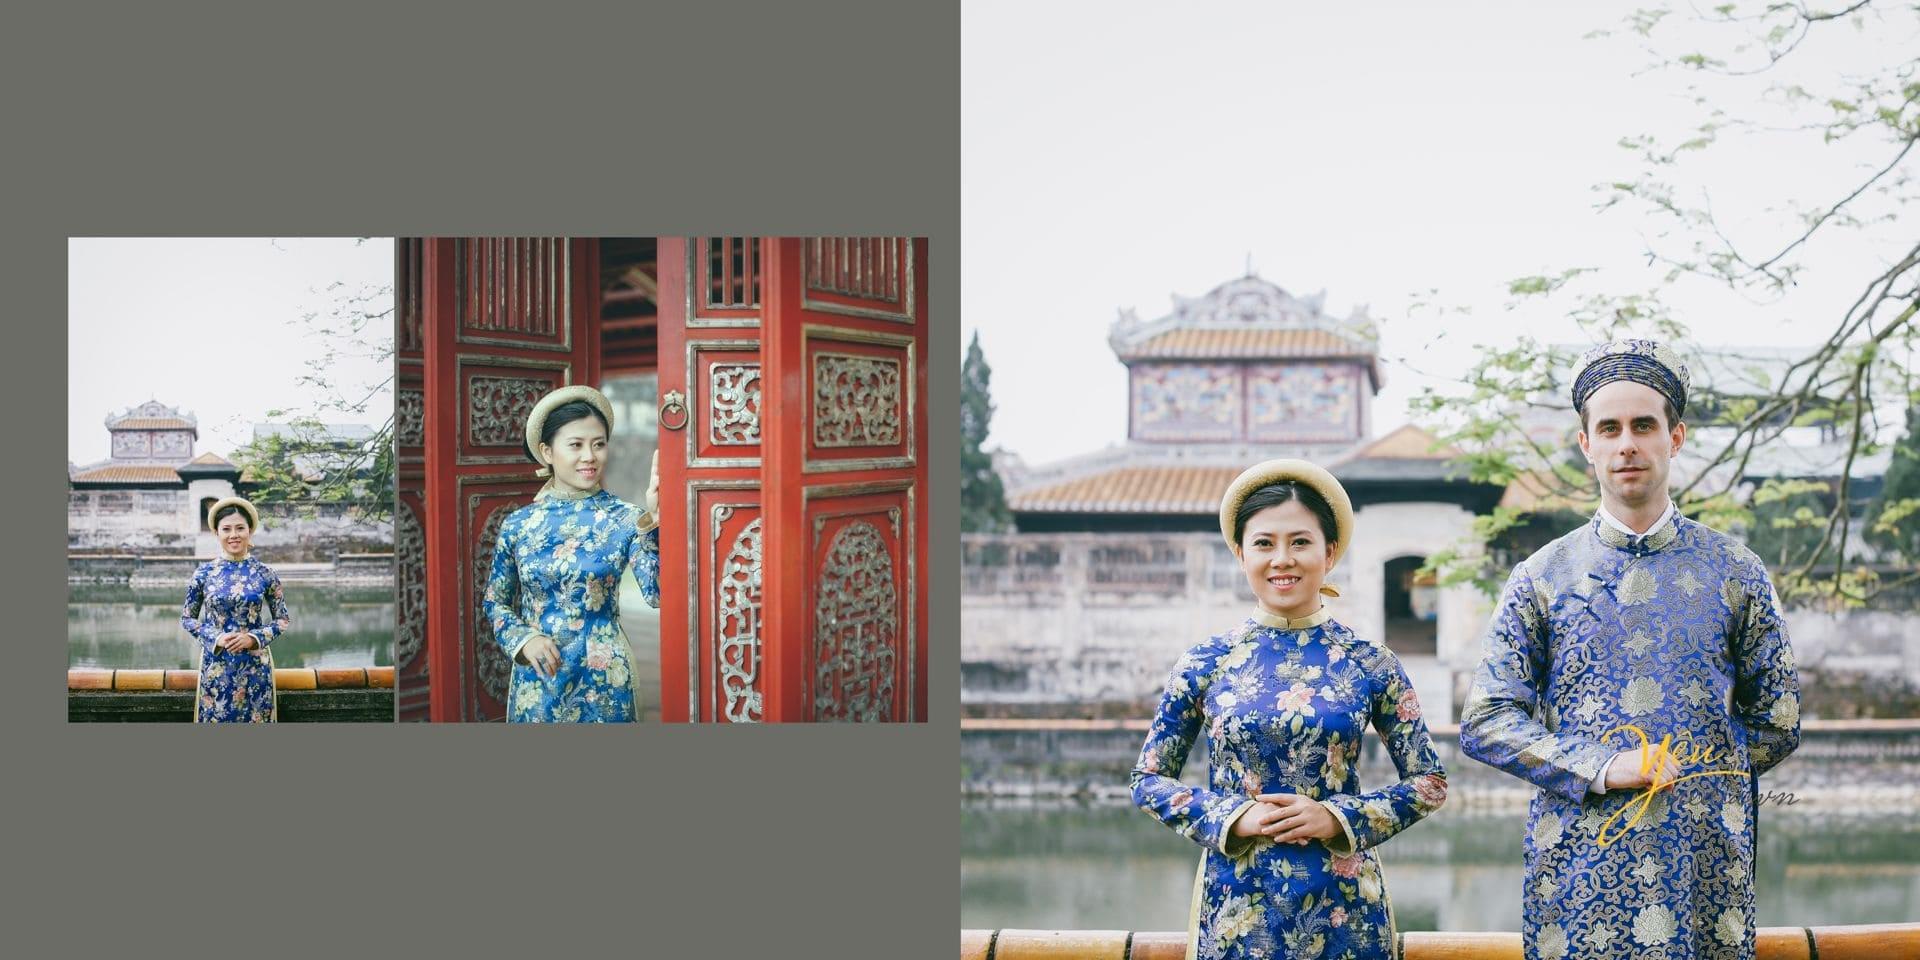 ảnh cưới chụp đại nội cửa sơn son thếp vàng